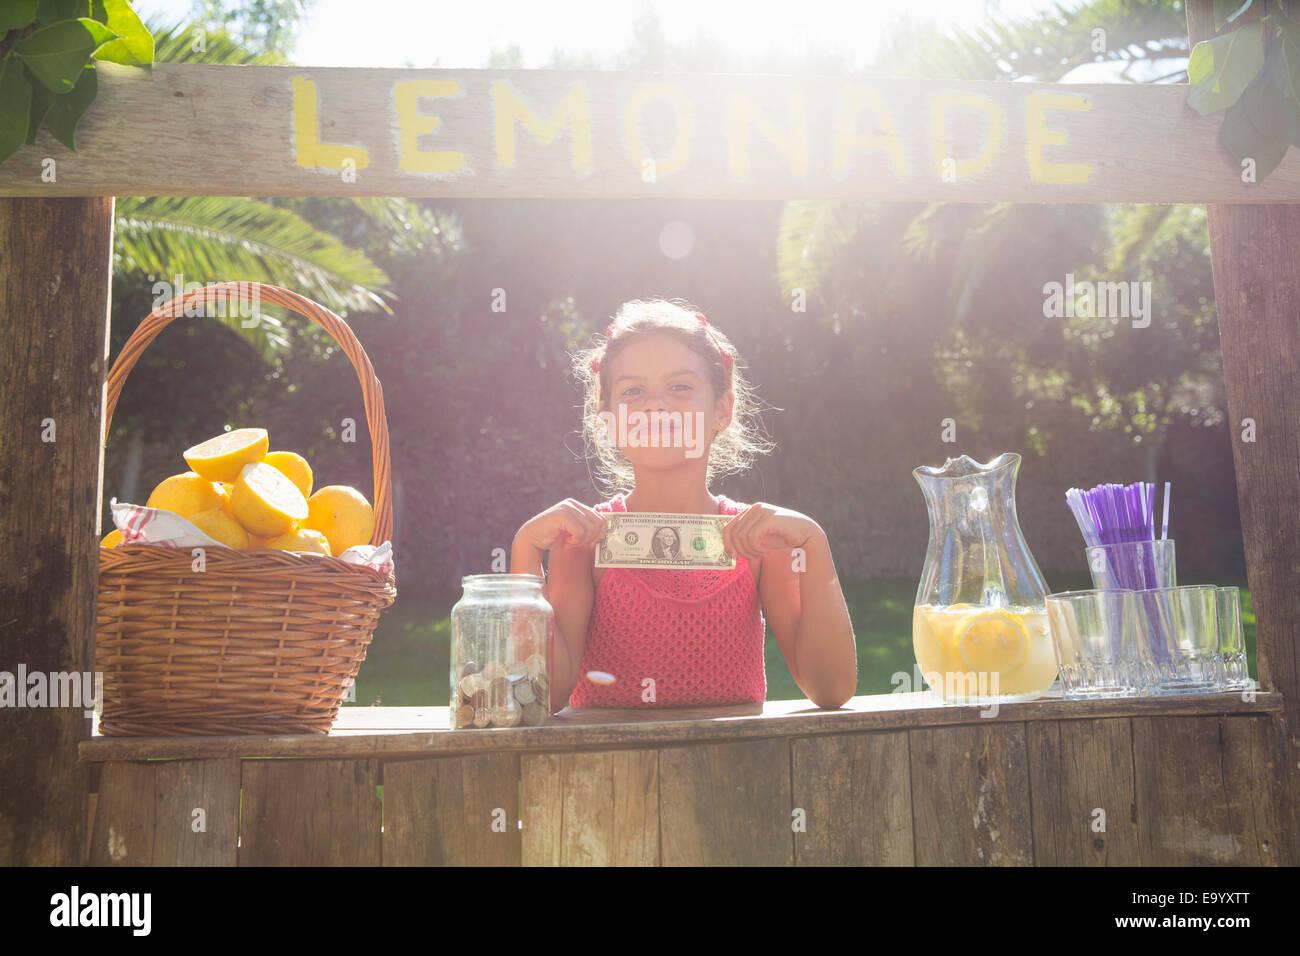 Portrait de jeune fille fière sur lemonade stand holding up one dollar bill Photo Stock